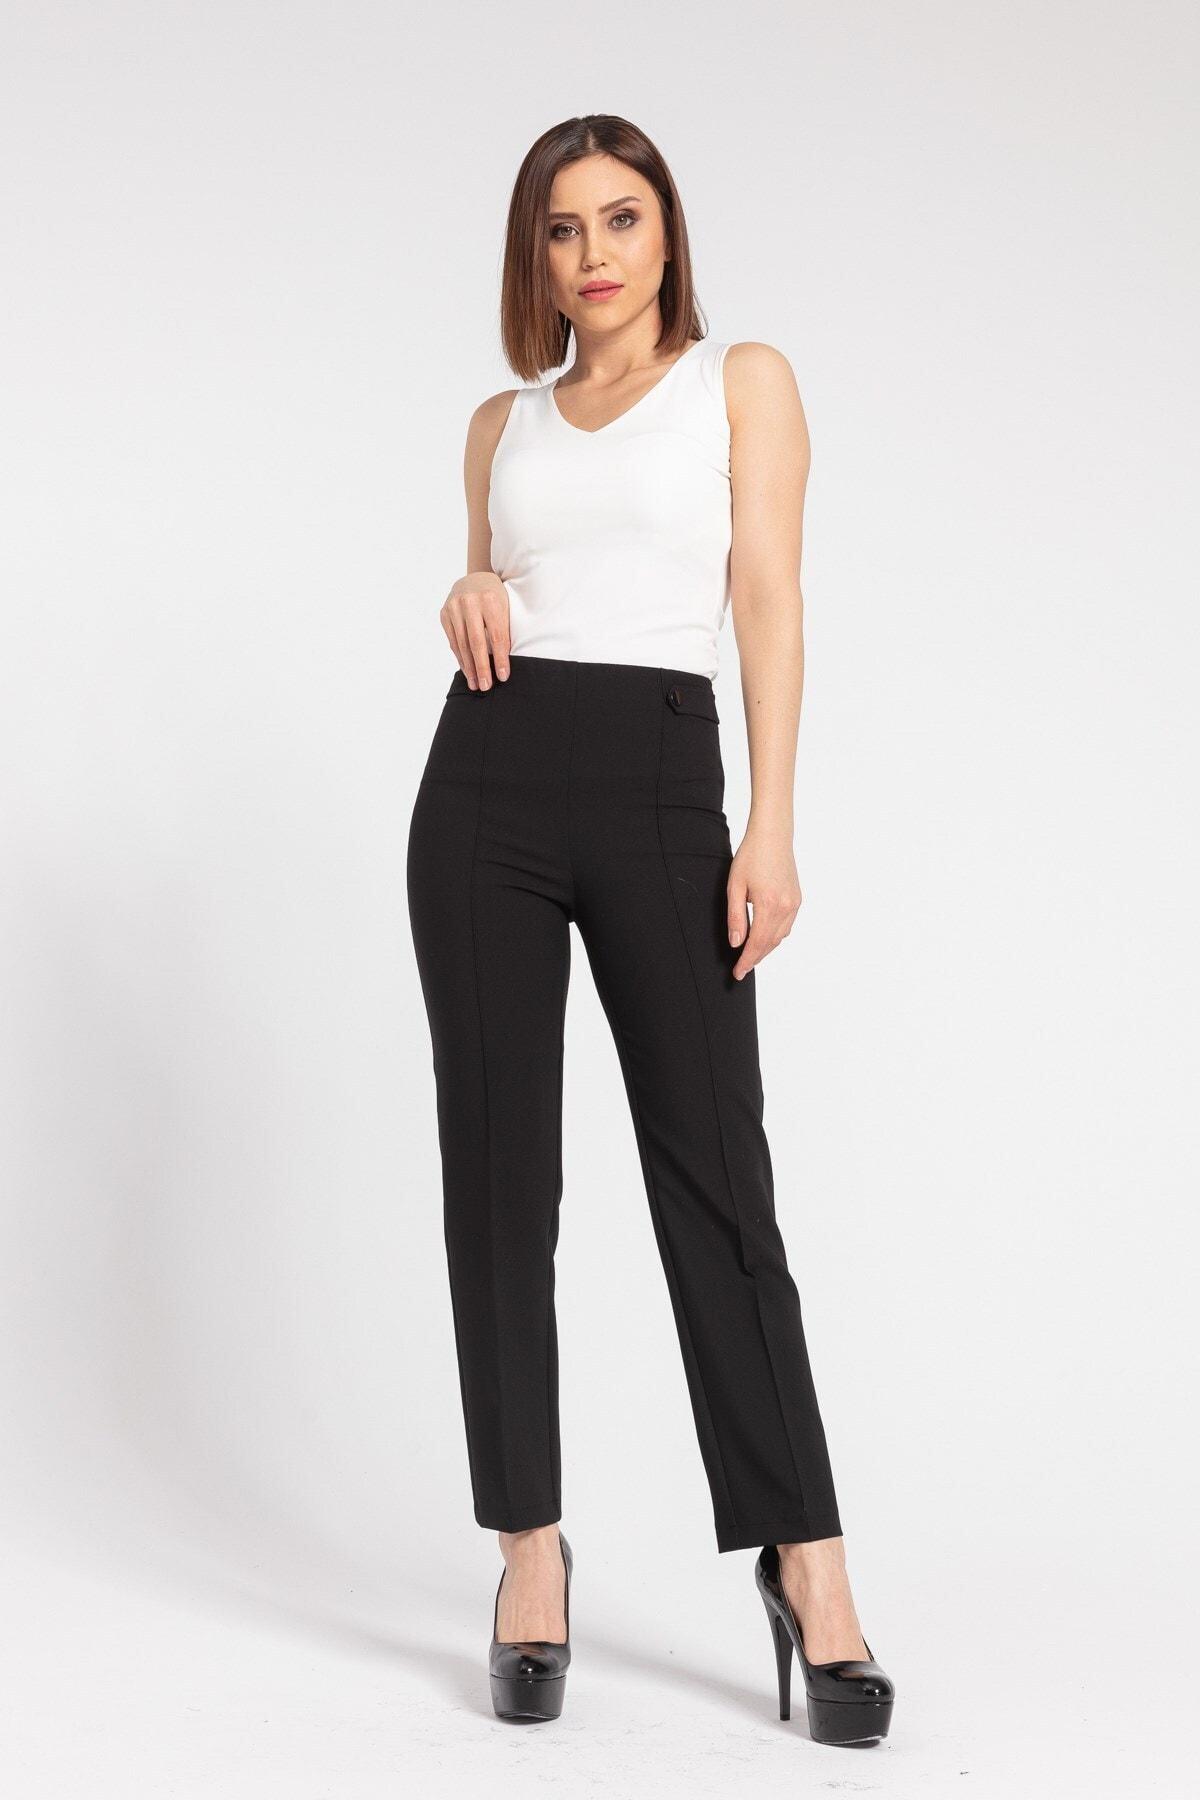 Kadın Yüksek Bel Önü Dikişli Beli Apoletli Düğmeli Boru Paça Kumaş Pantolon-siyah